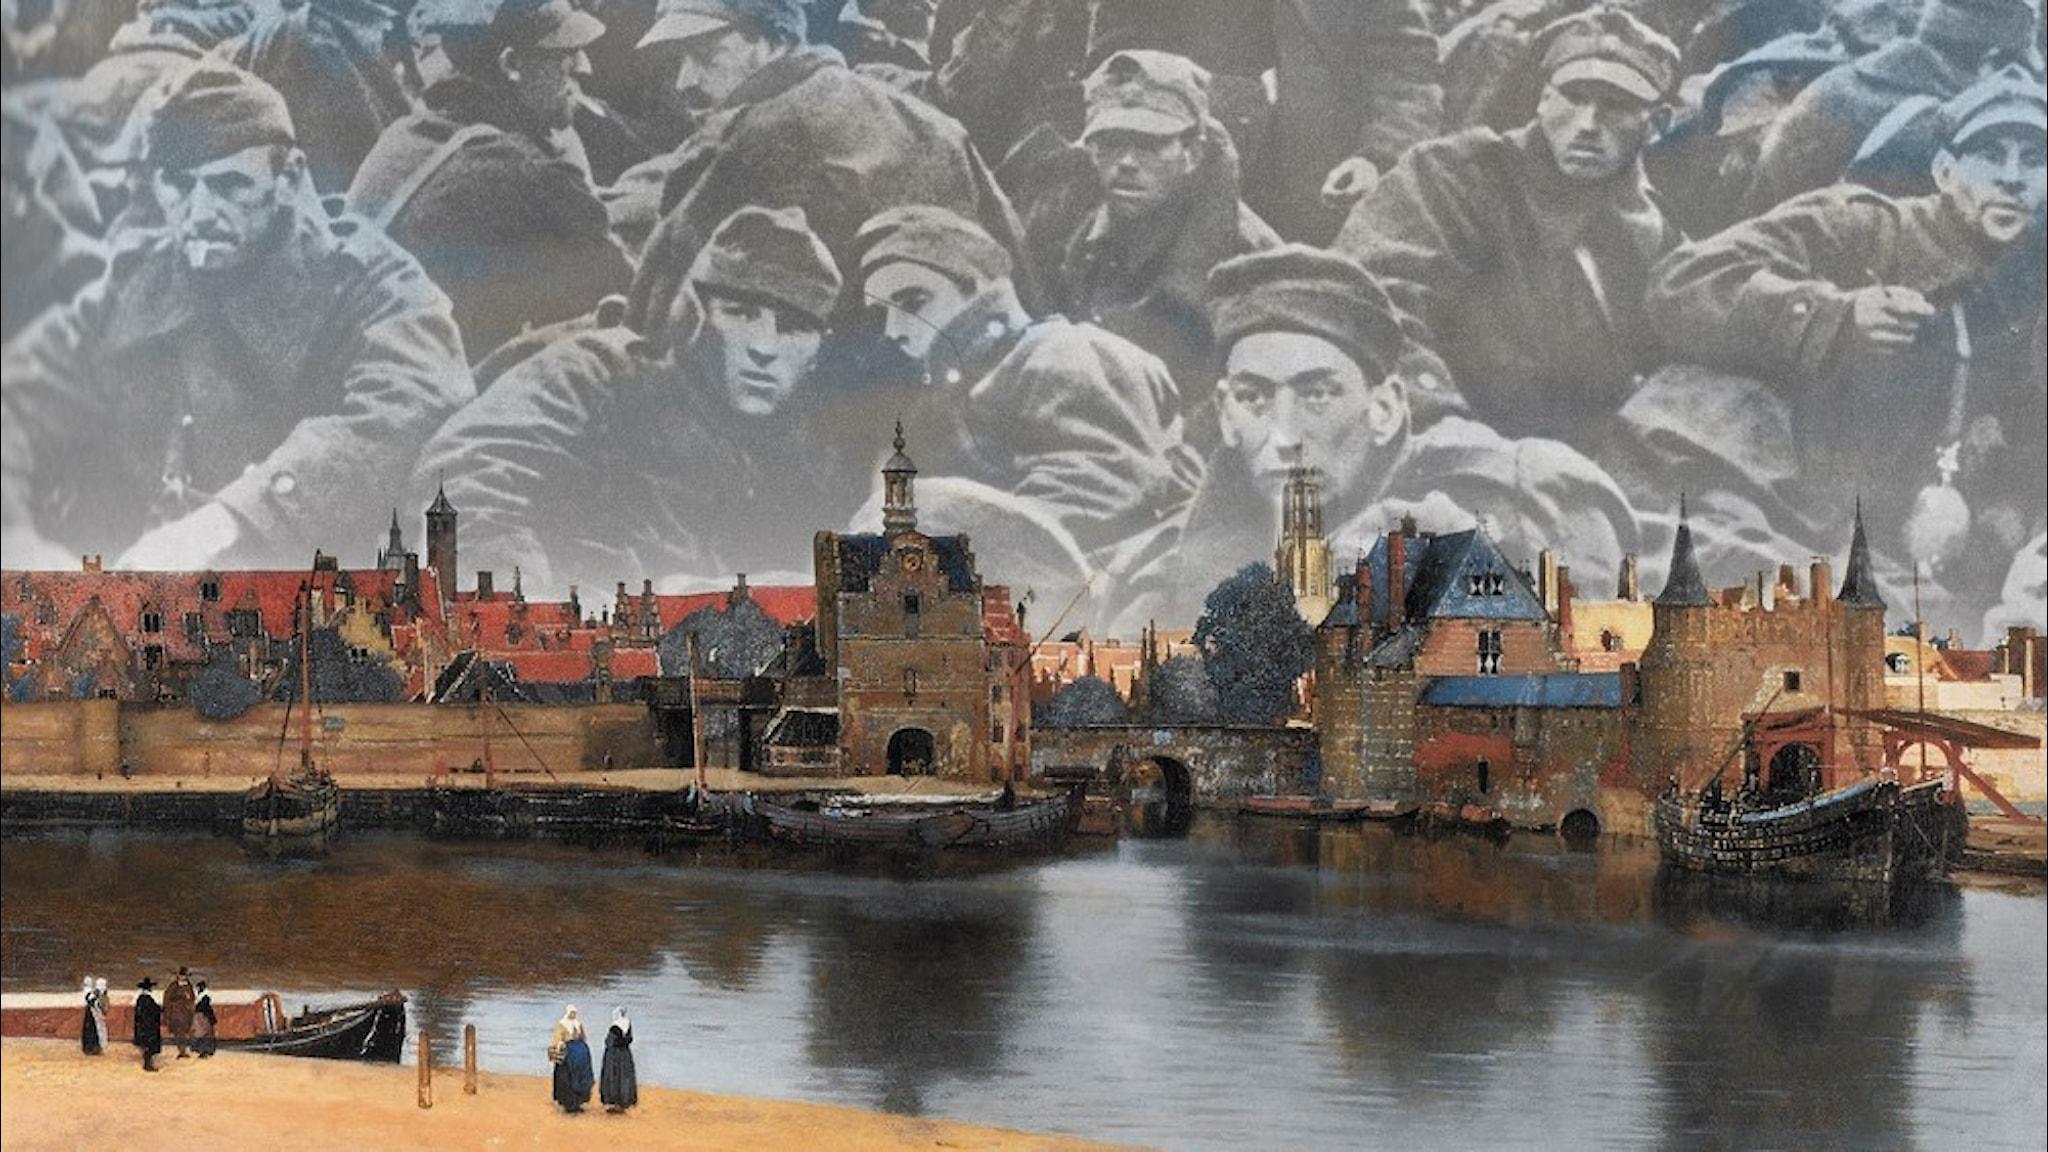 Montage: Johannes Vermeers Vy över Delft (beskuren) med polska krigsfångar under 2:a Världskriget.